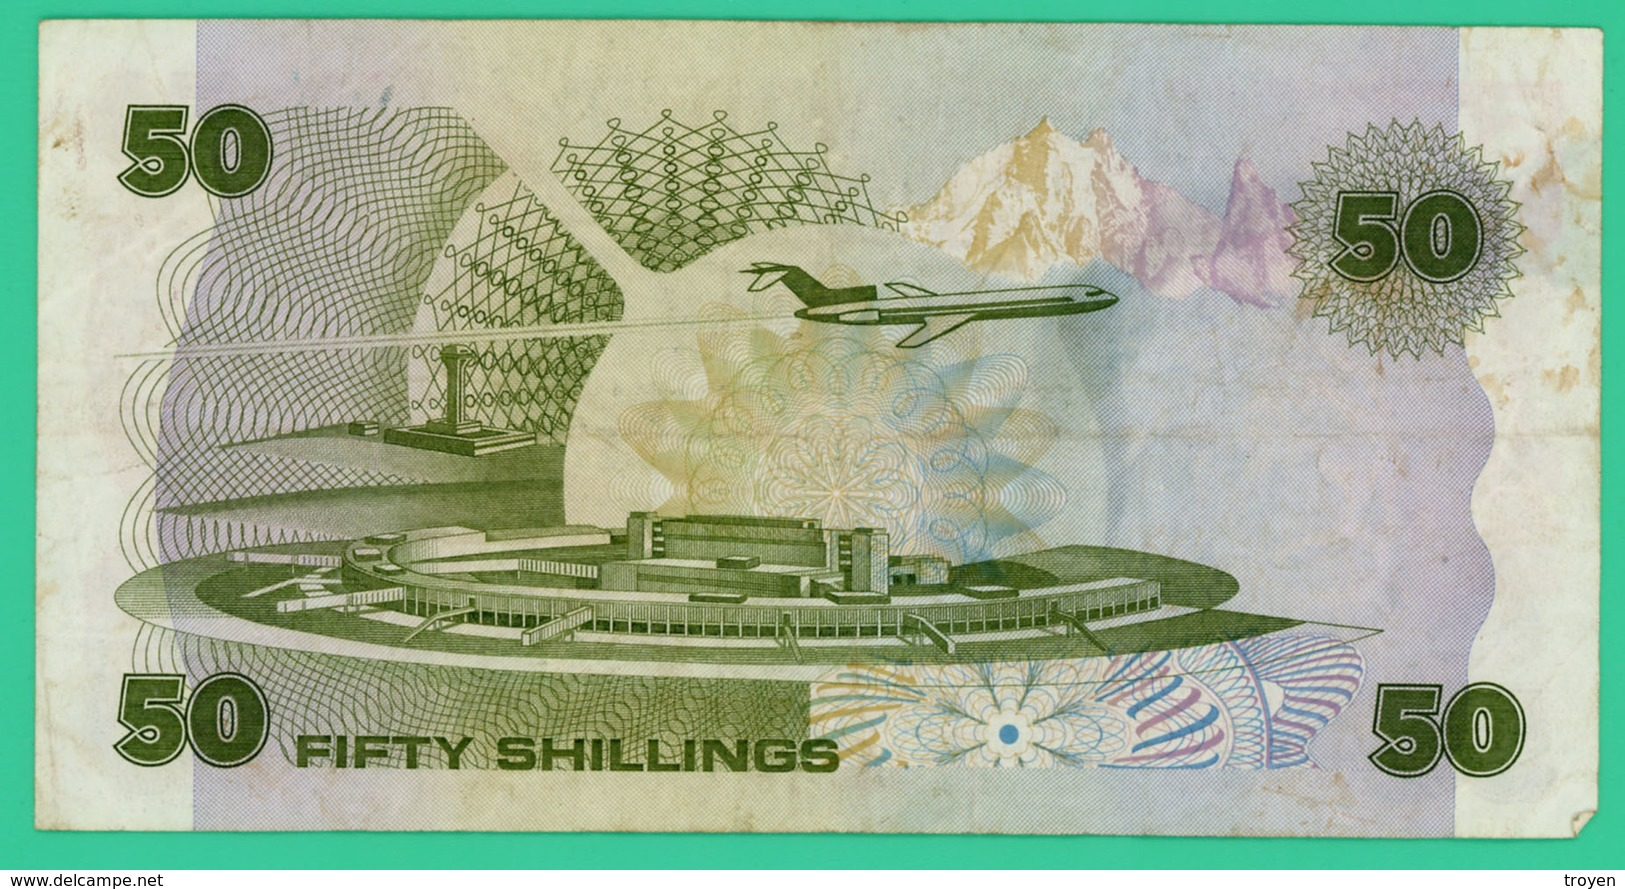 50 Shillings - Kenya - N°.D/51 762195 - 1986 - TTB - - Kenya